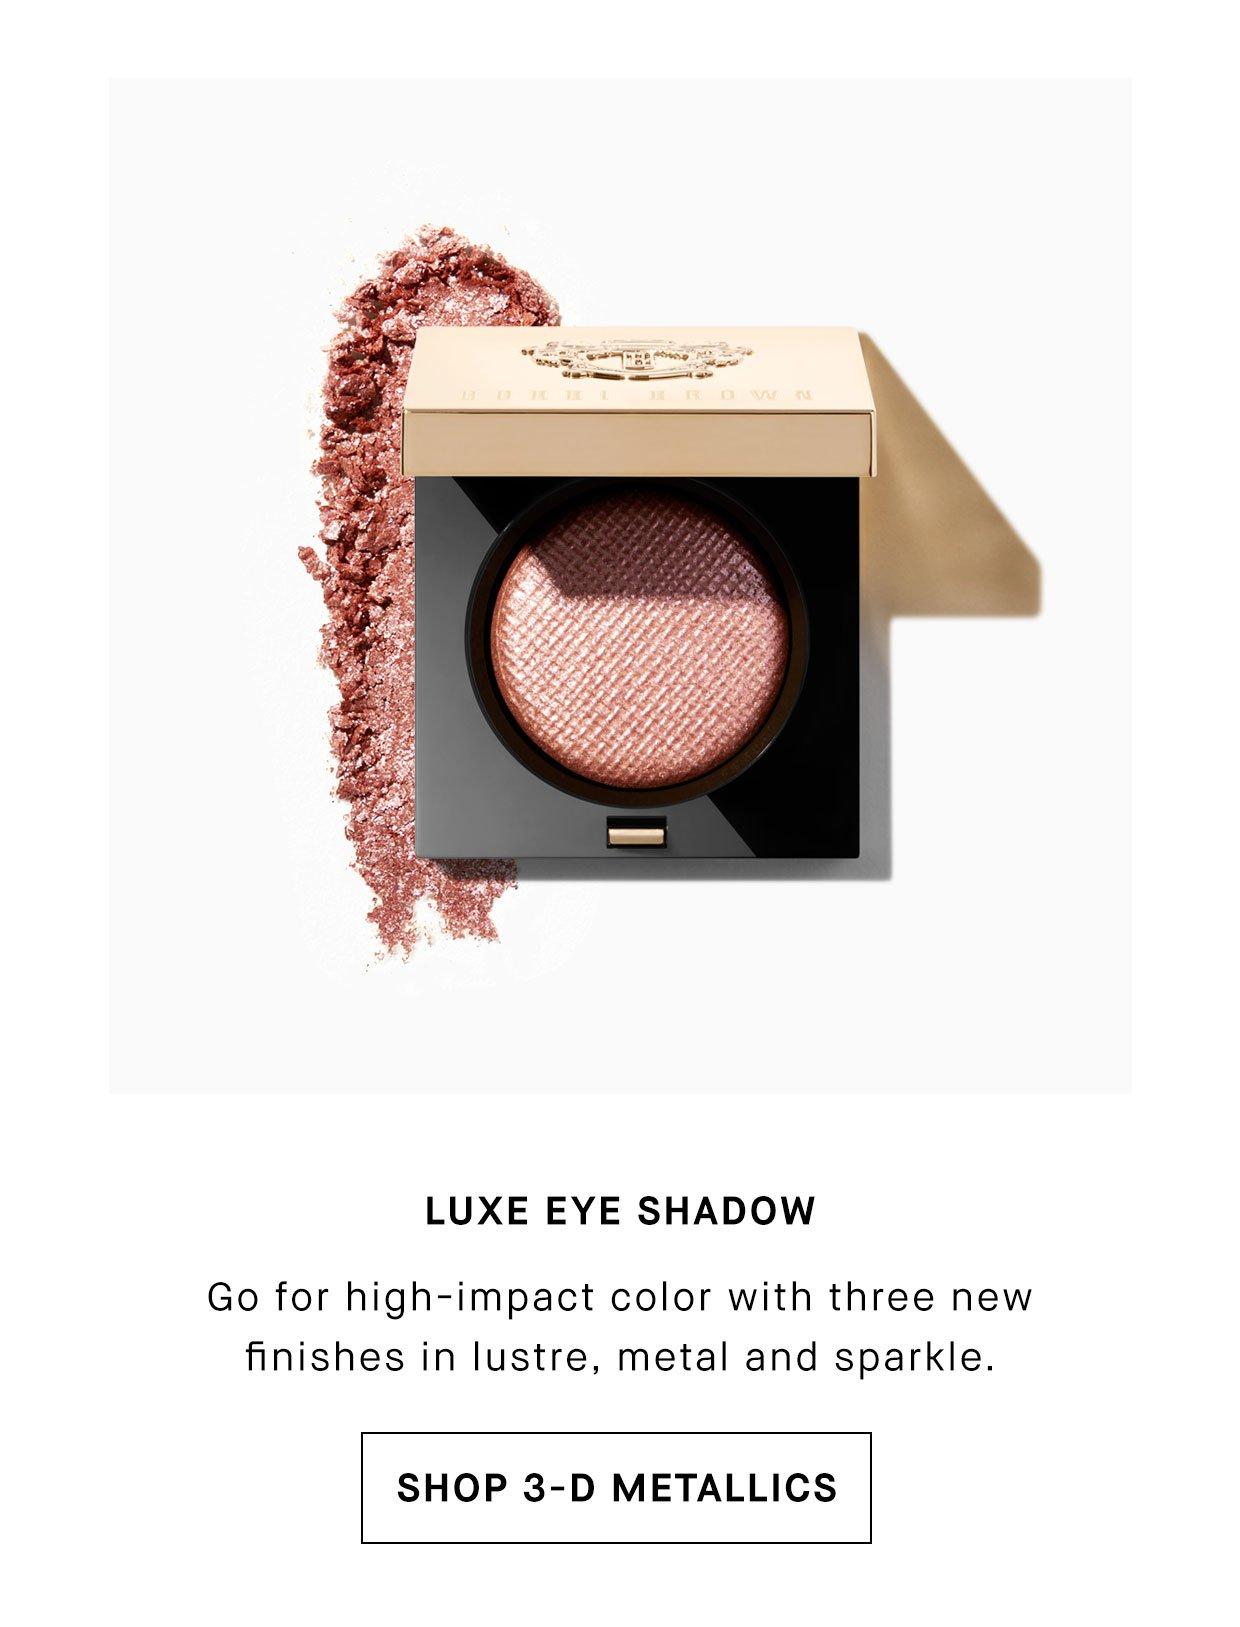 Luxe Eye Shadow